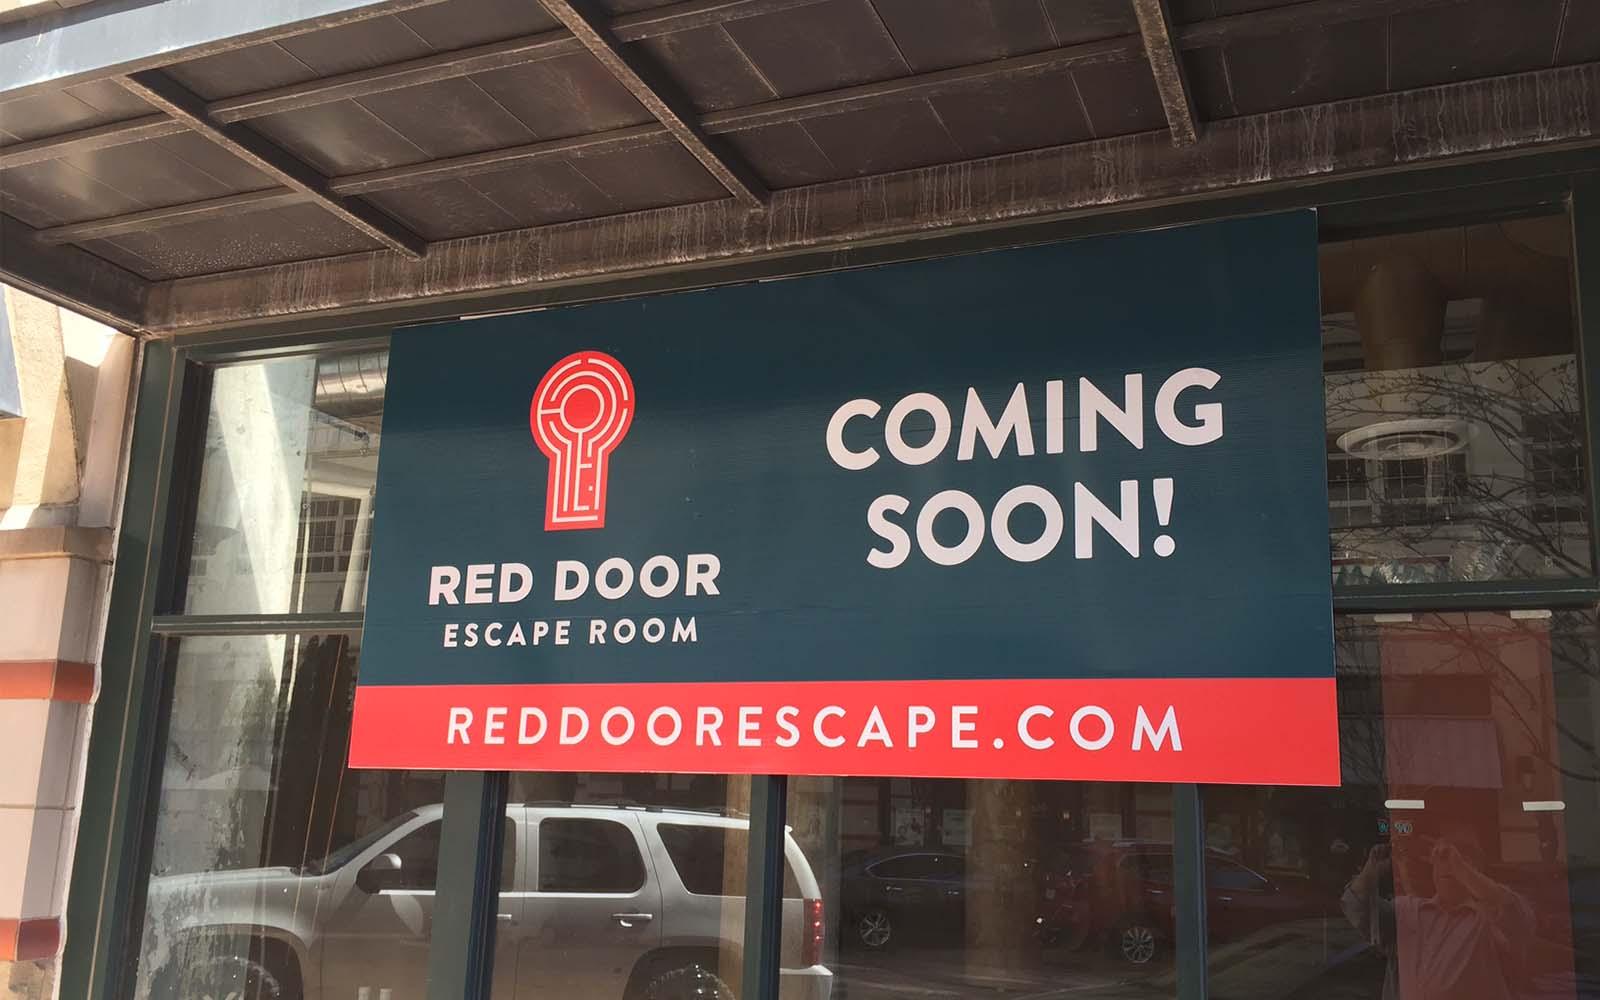 Gallery Fort Worth Red Door Escape Room